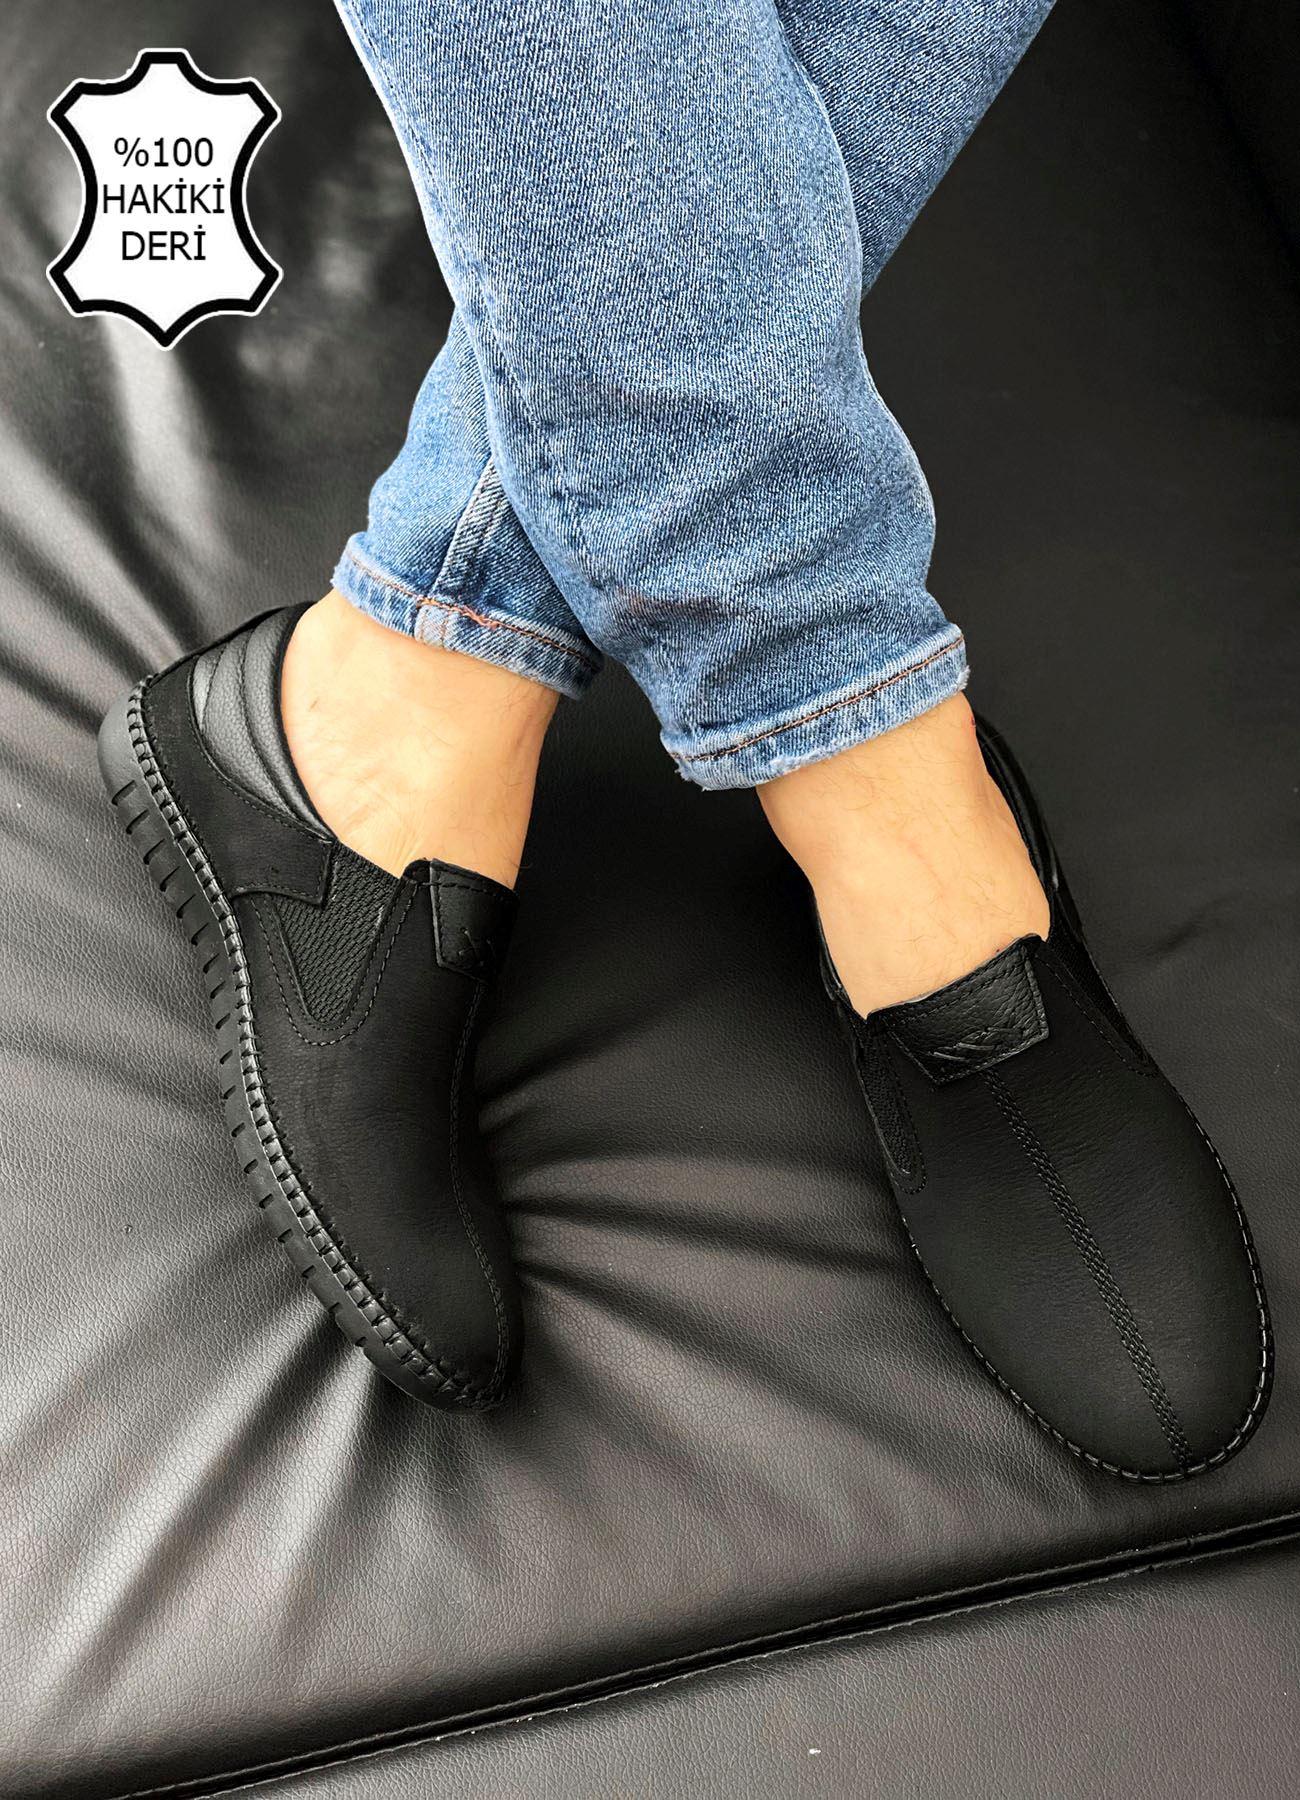 Siyah Hakiki Deri Ortopedik Çarık Ayakkabı